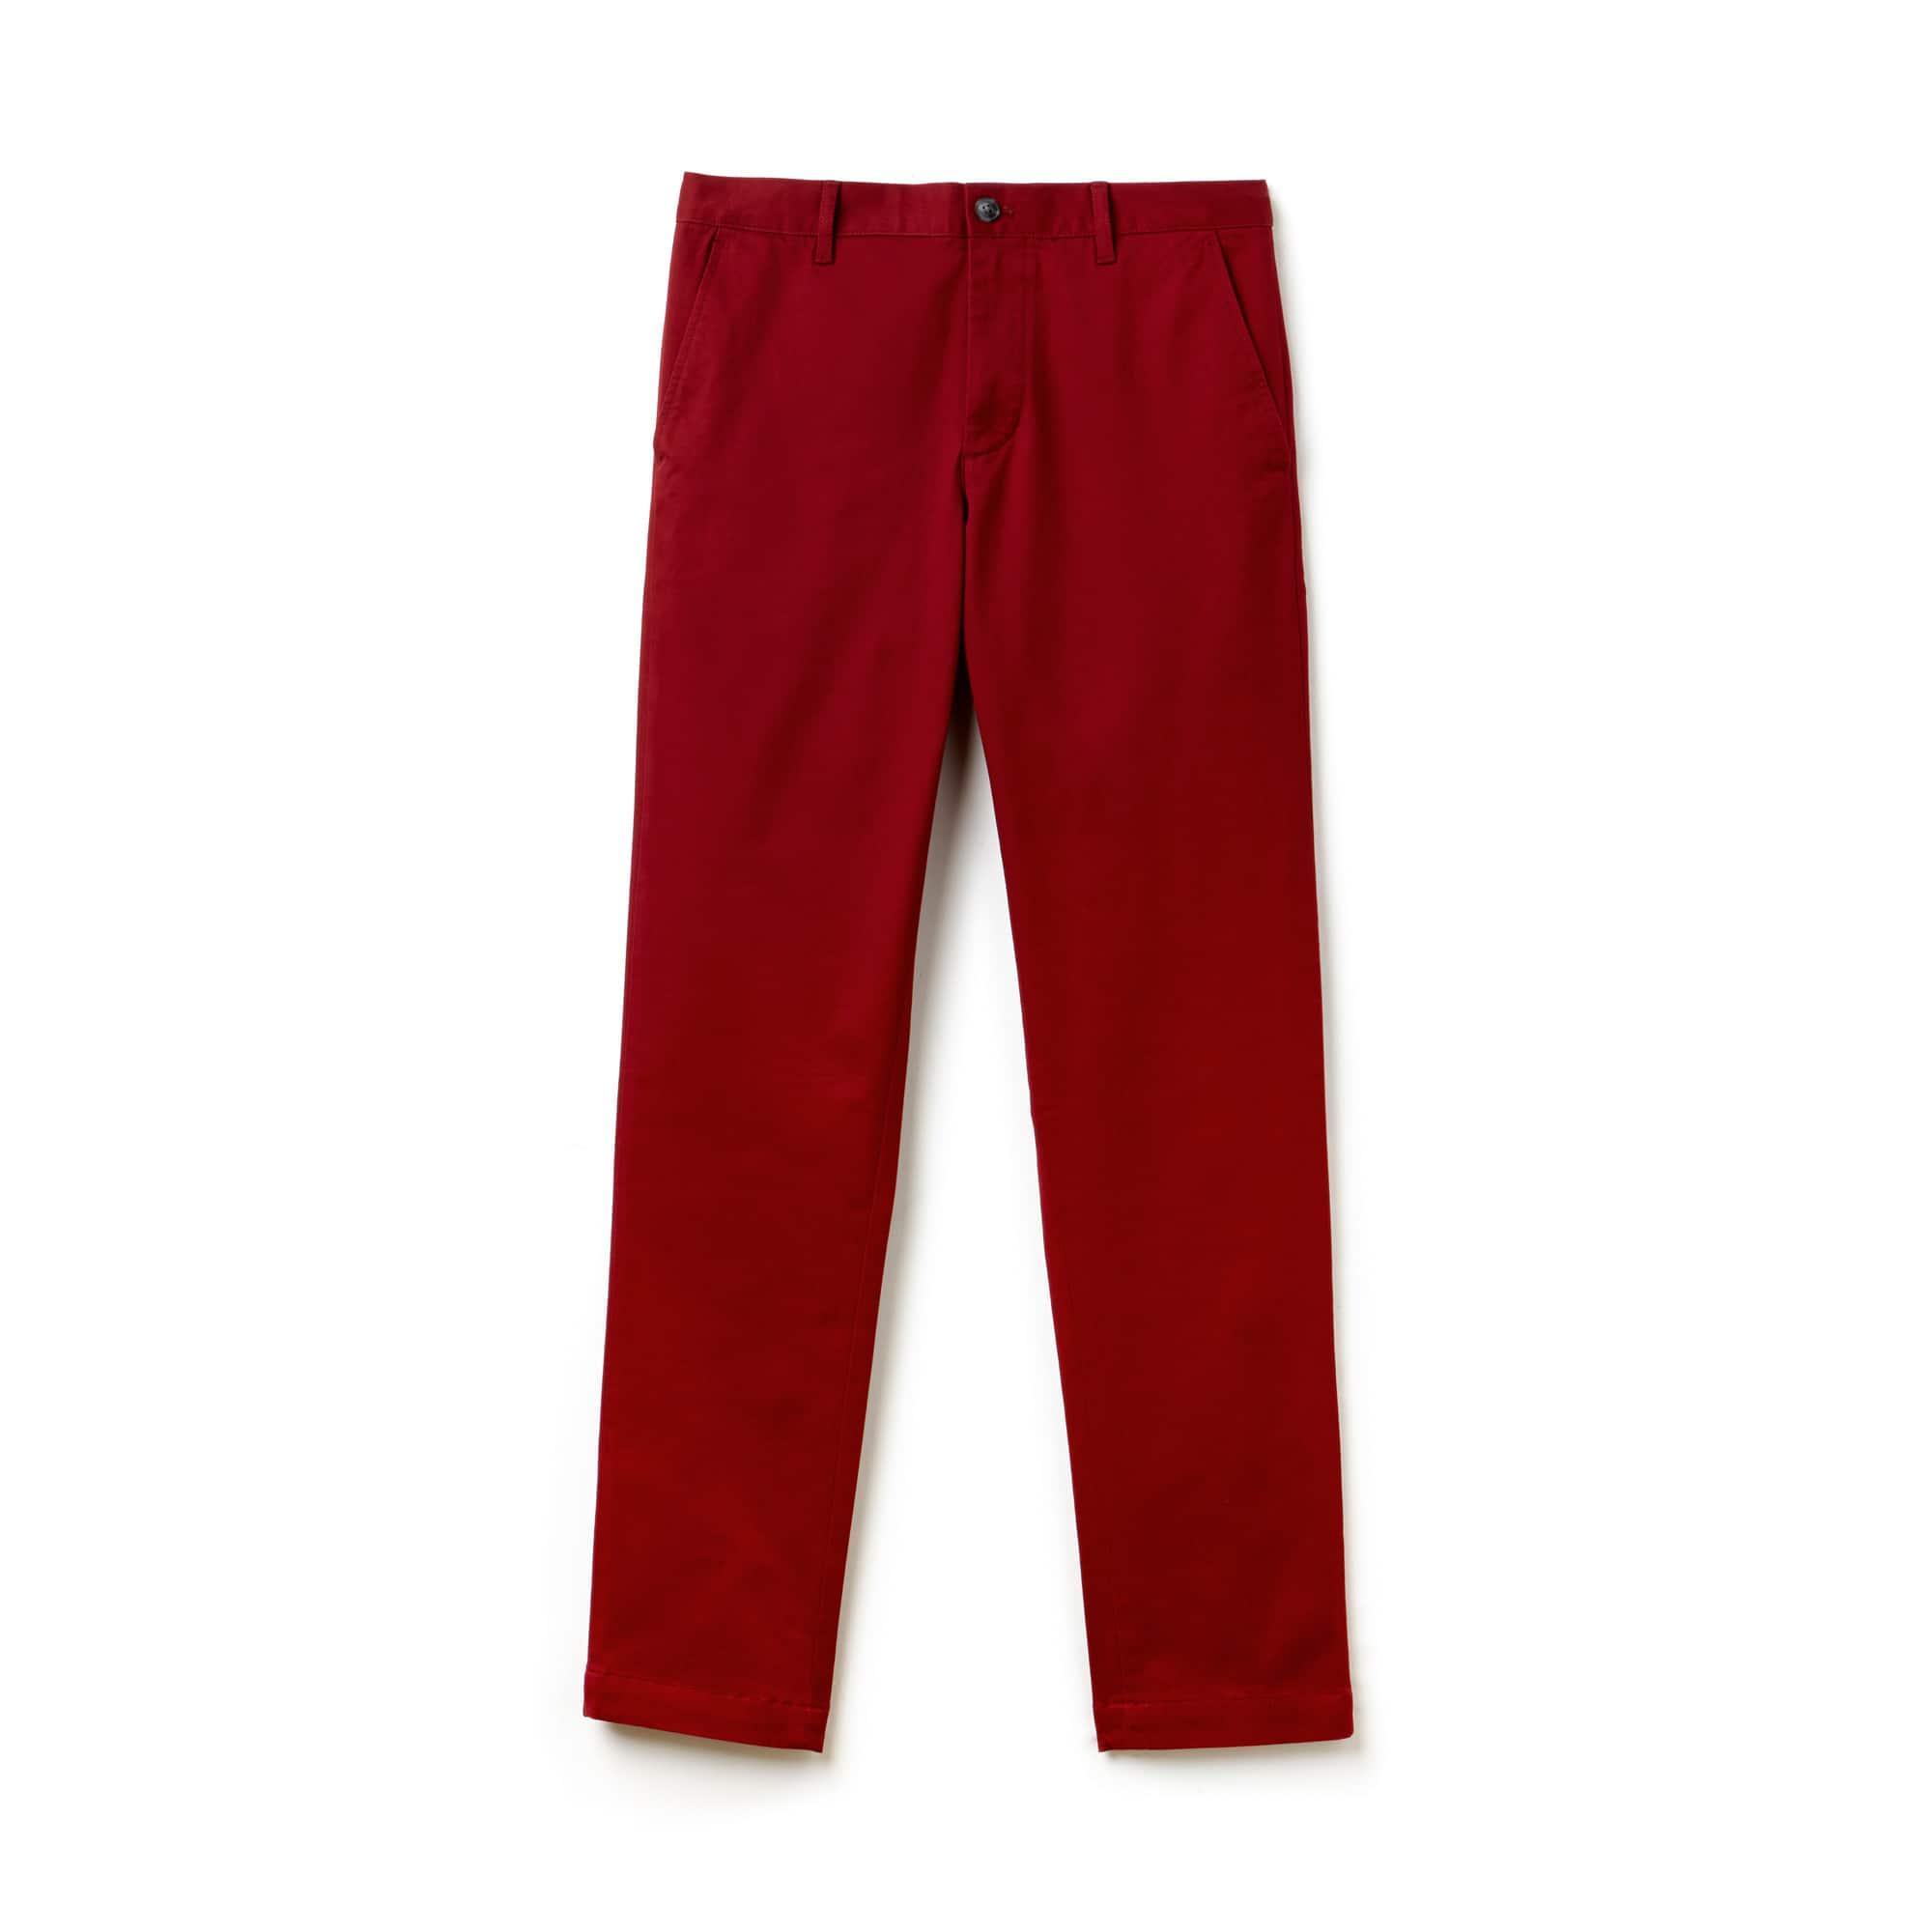 라코스테 Lacoste Mens Slim Fit Stretch Gabardine Chino Pants,bordeaux